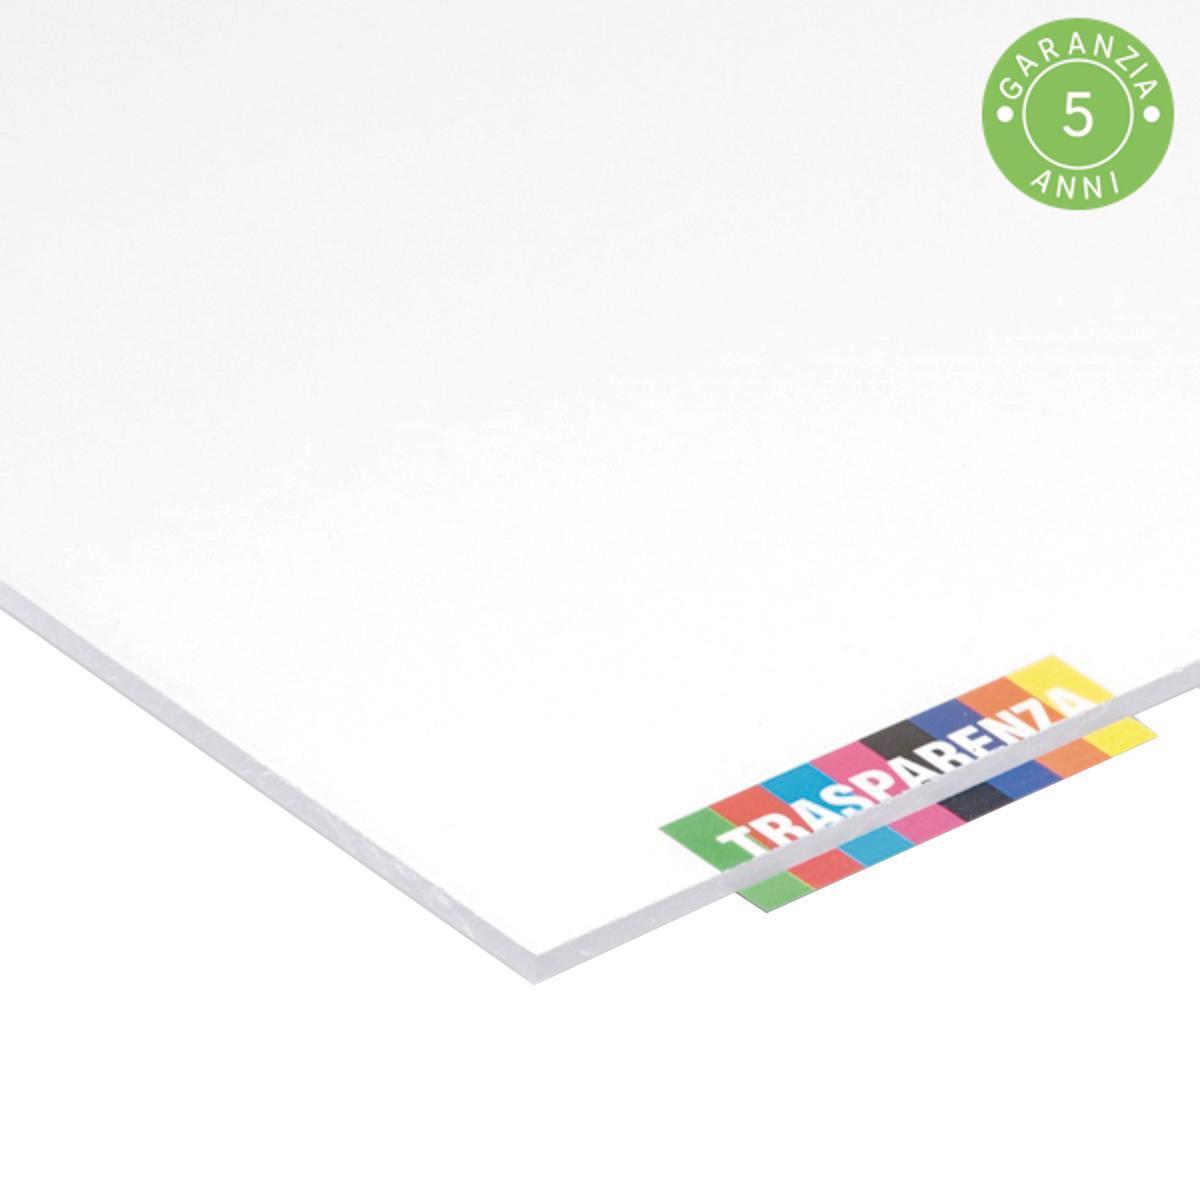 Vetro acrilico san trasparente 100 cm x 100 cm, Sp 6 mm